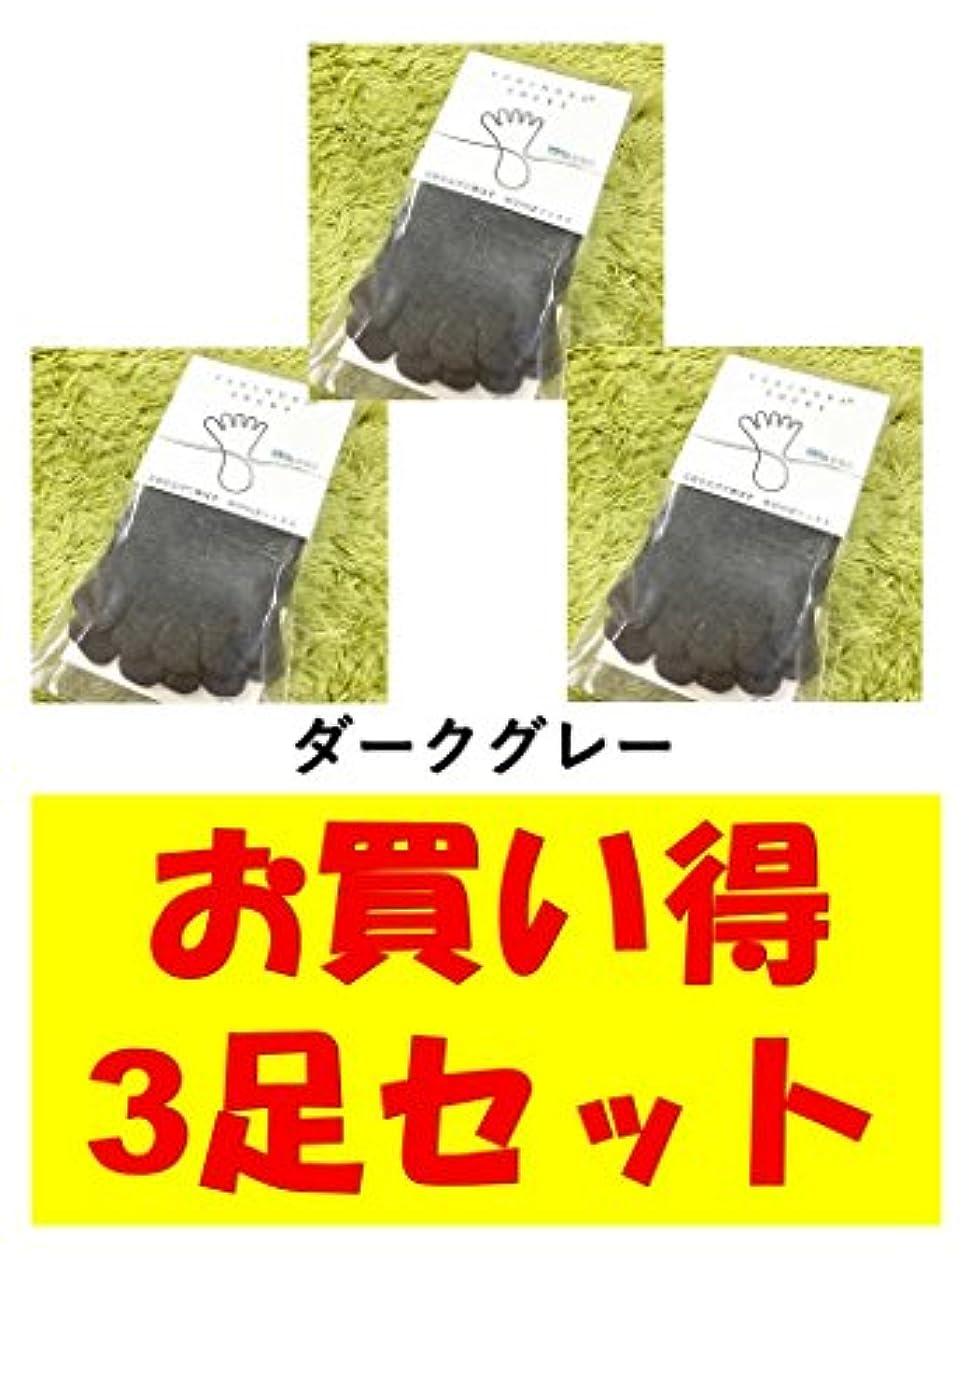 従順な叱る選択するお買い得3足セット 5本指 ゆびのばソックス ゆびのばレギュラー ダークグレー 女性用 22.0cm-25.5cm HSREGR-DGL